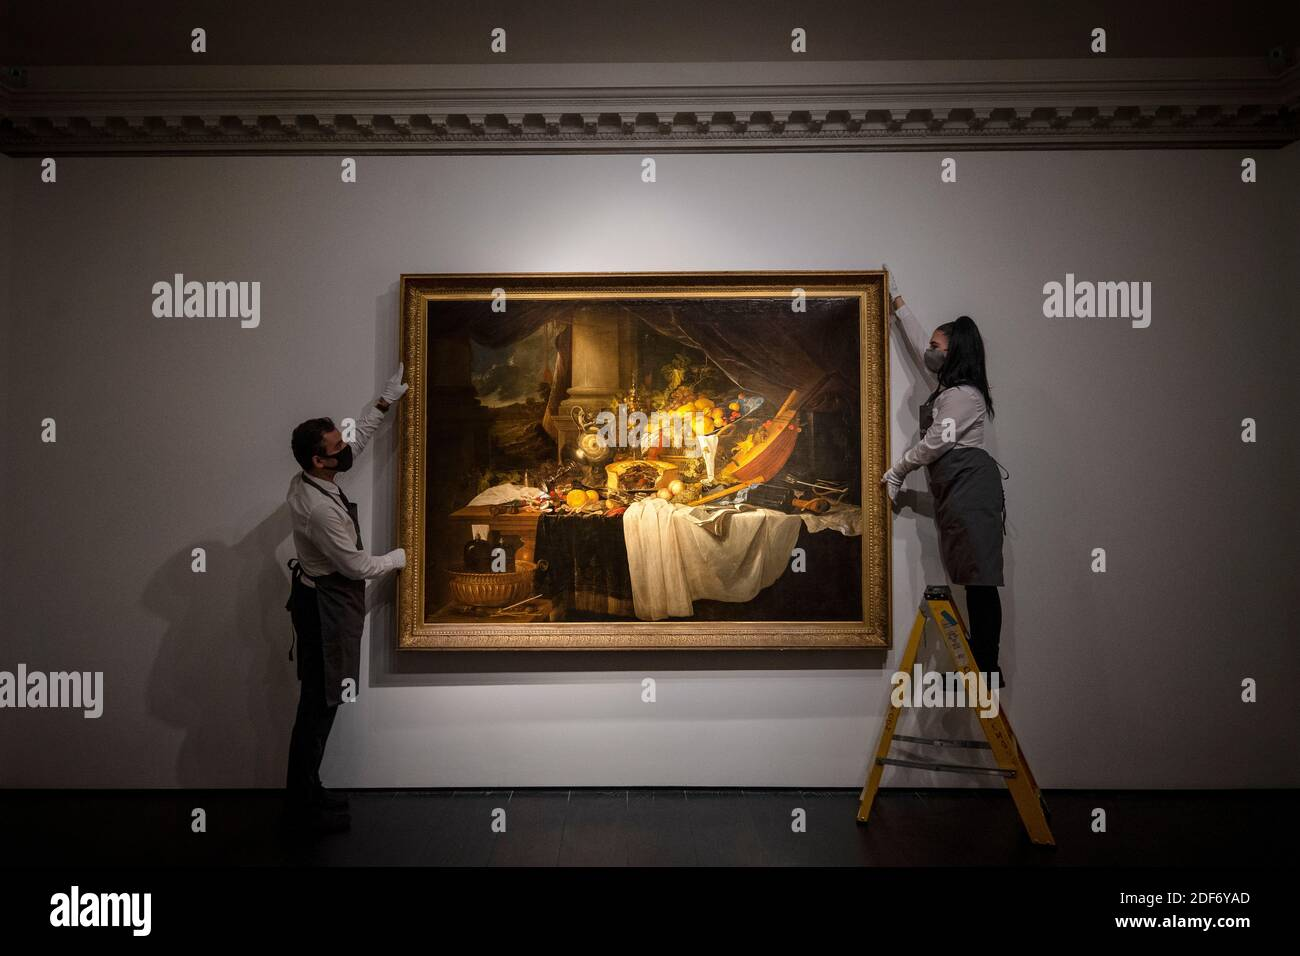 Les assistants de galerie ajustent 'A banquet STILL Life' par Jan Davidsz de Heem avec une estimation de ??4-6 millions, qui est en démonstration au salon Christie's dans le centre de Londres en prévision des ventes de la semaine Classique de la maison de vente aux enchères. Banque D'Images